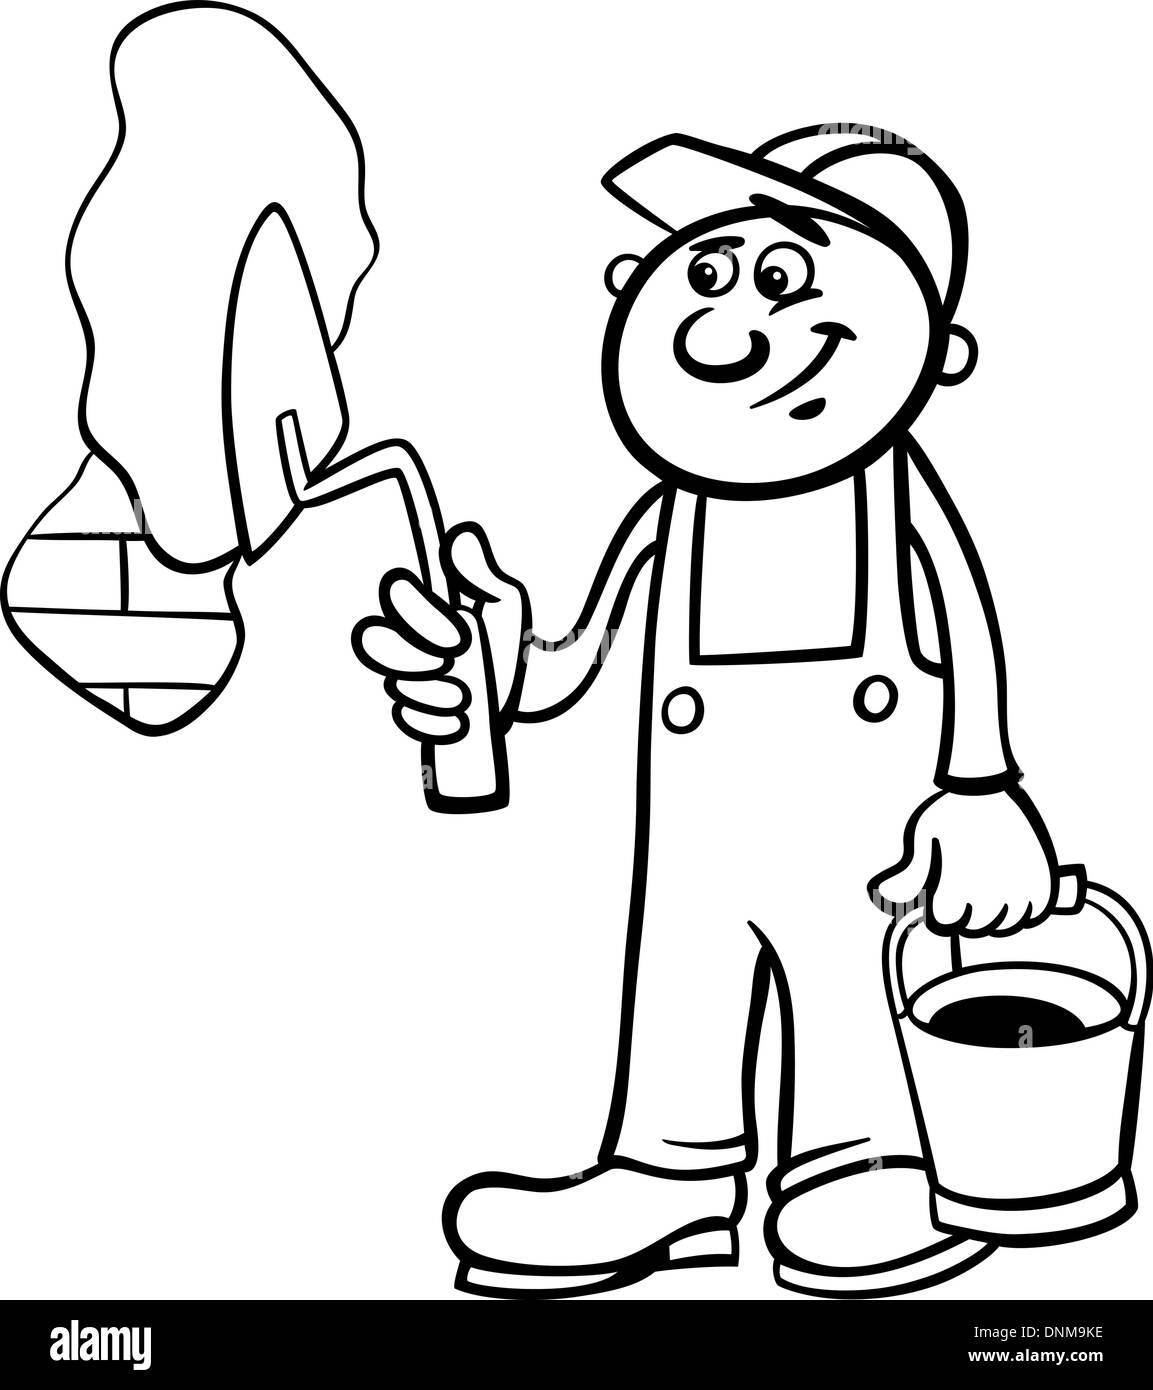 Bianco E Nero Cartoon Illustrazione Dell Uomo Lavoratore O Un